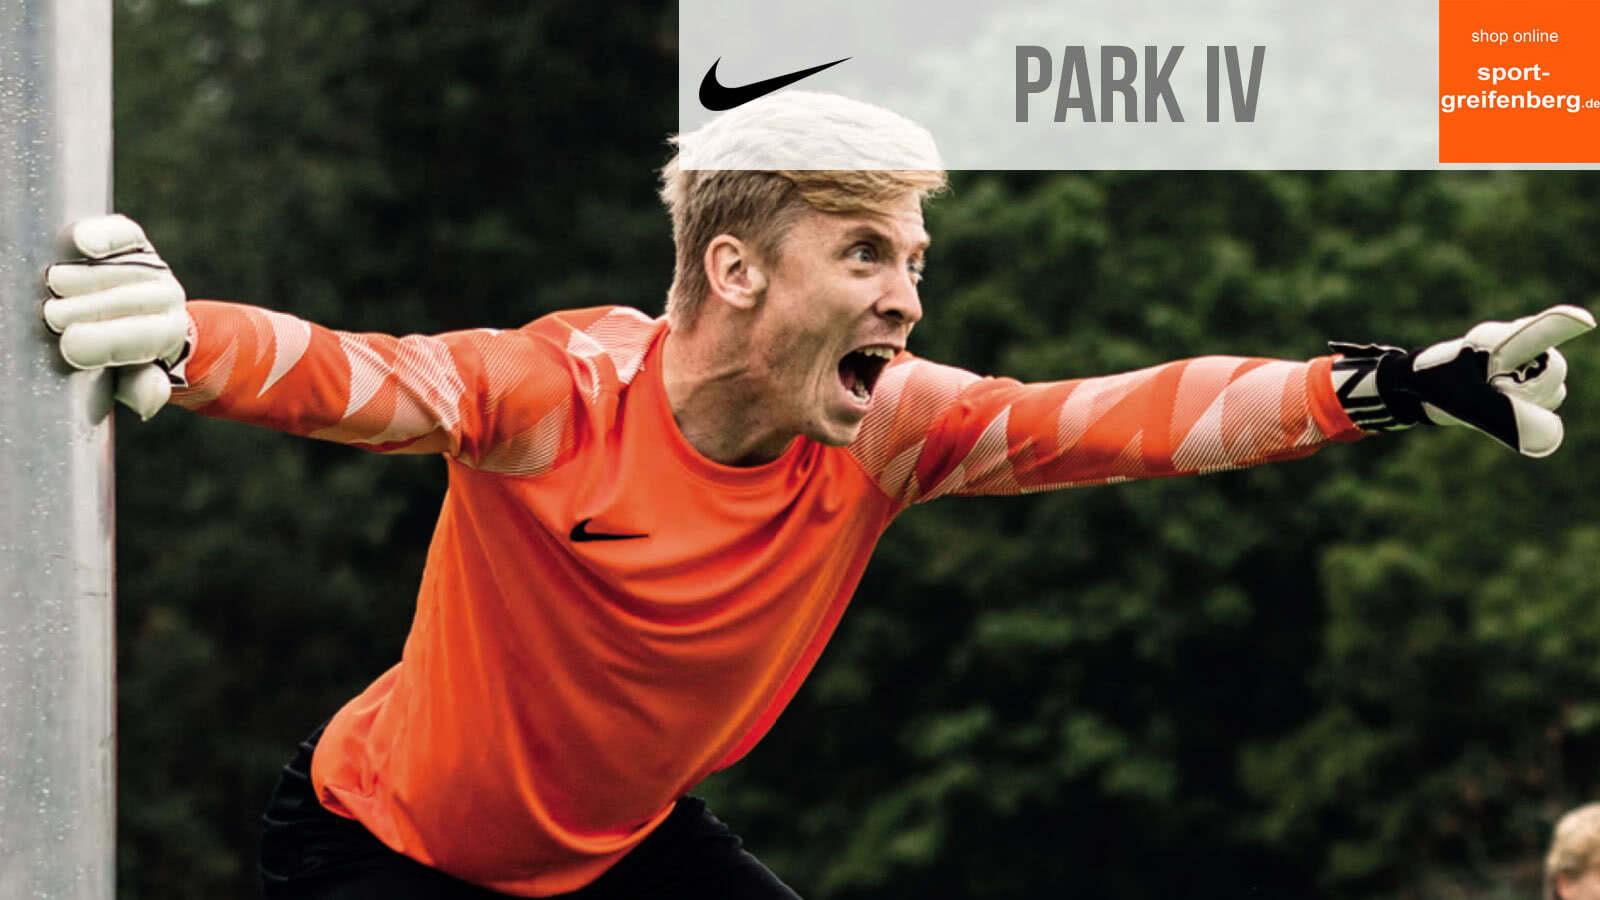 dasNike Park IV GK Torwarttrikot die Saison 2020/2021